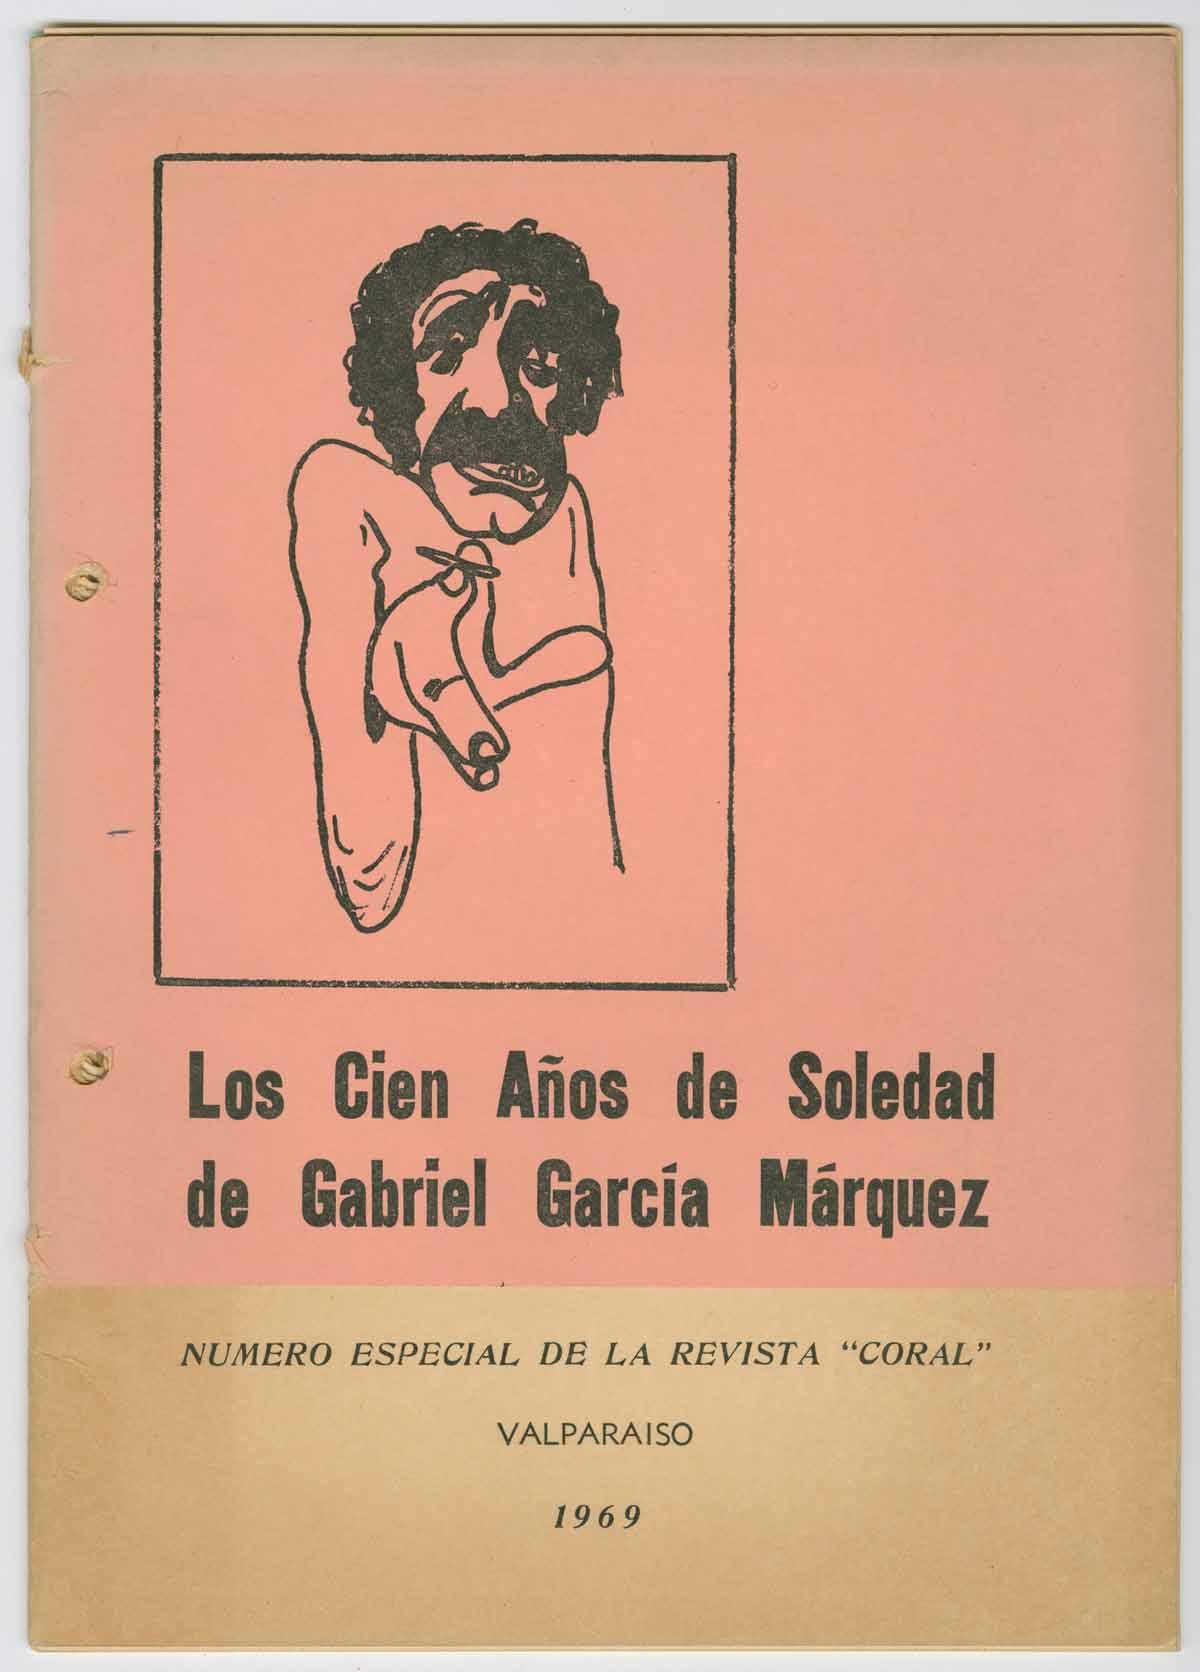 critical essays on gabriel garcia marquez mcmurray გაბრიელ ხოსე დე ლა კონკორდია გარსია მარკესი (ესპ gabriel josé de la concordia garcía márquez დ.